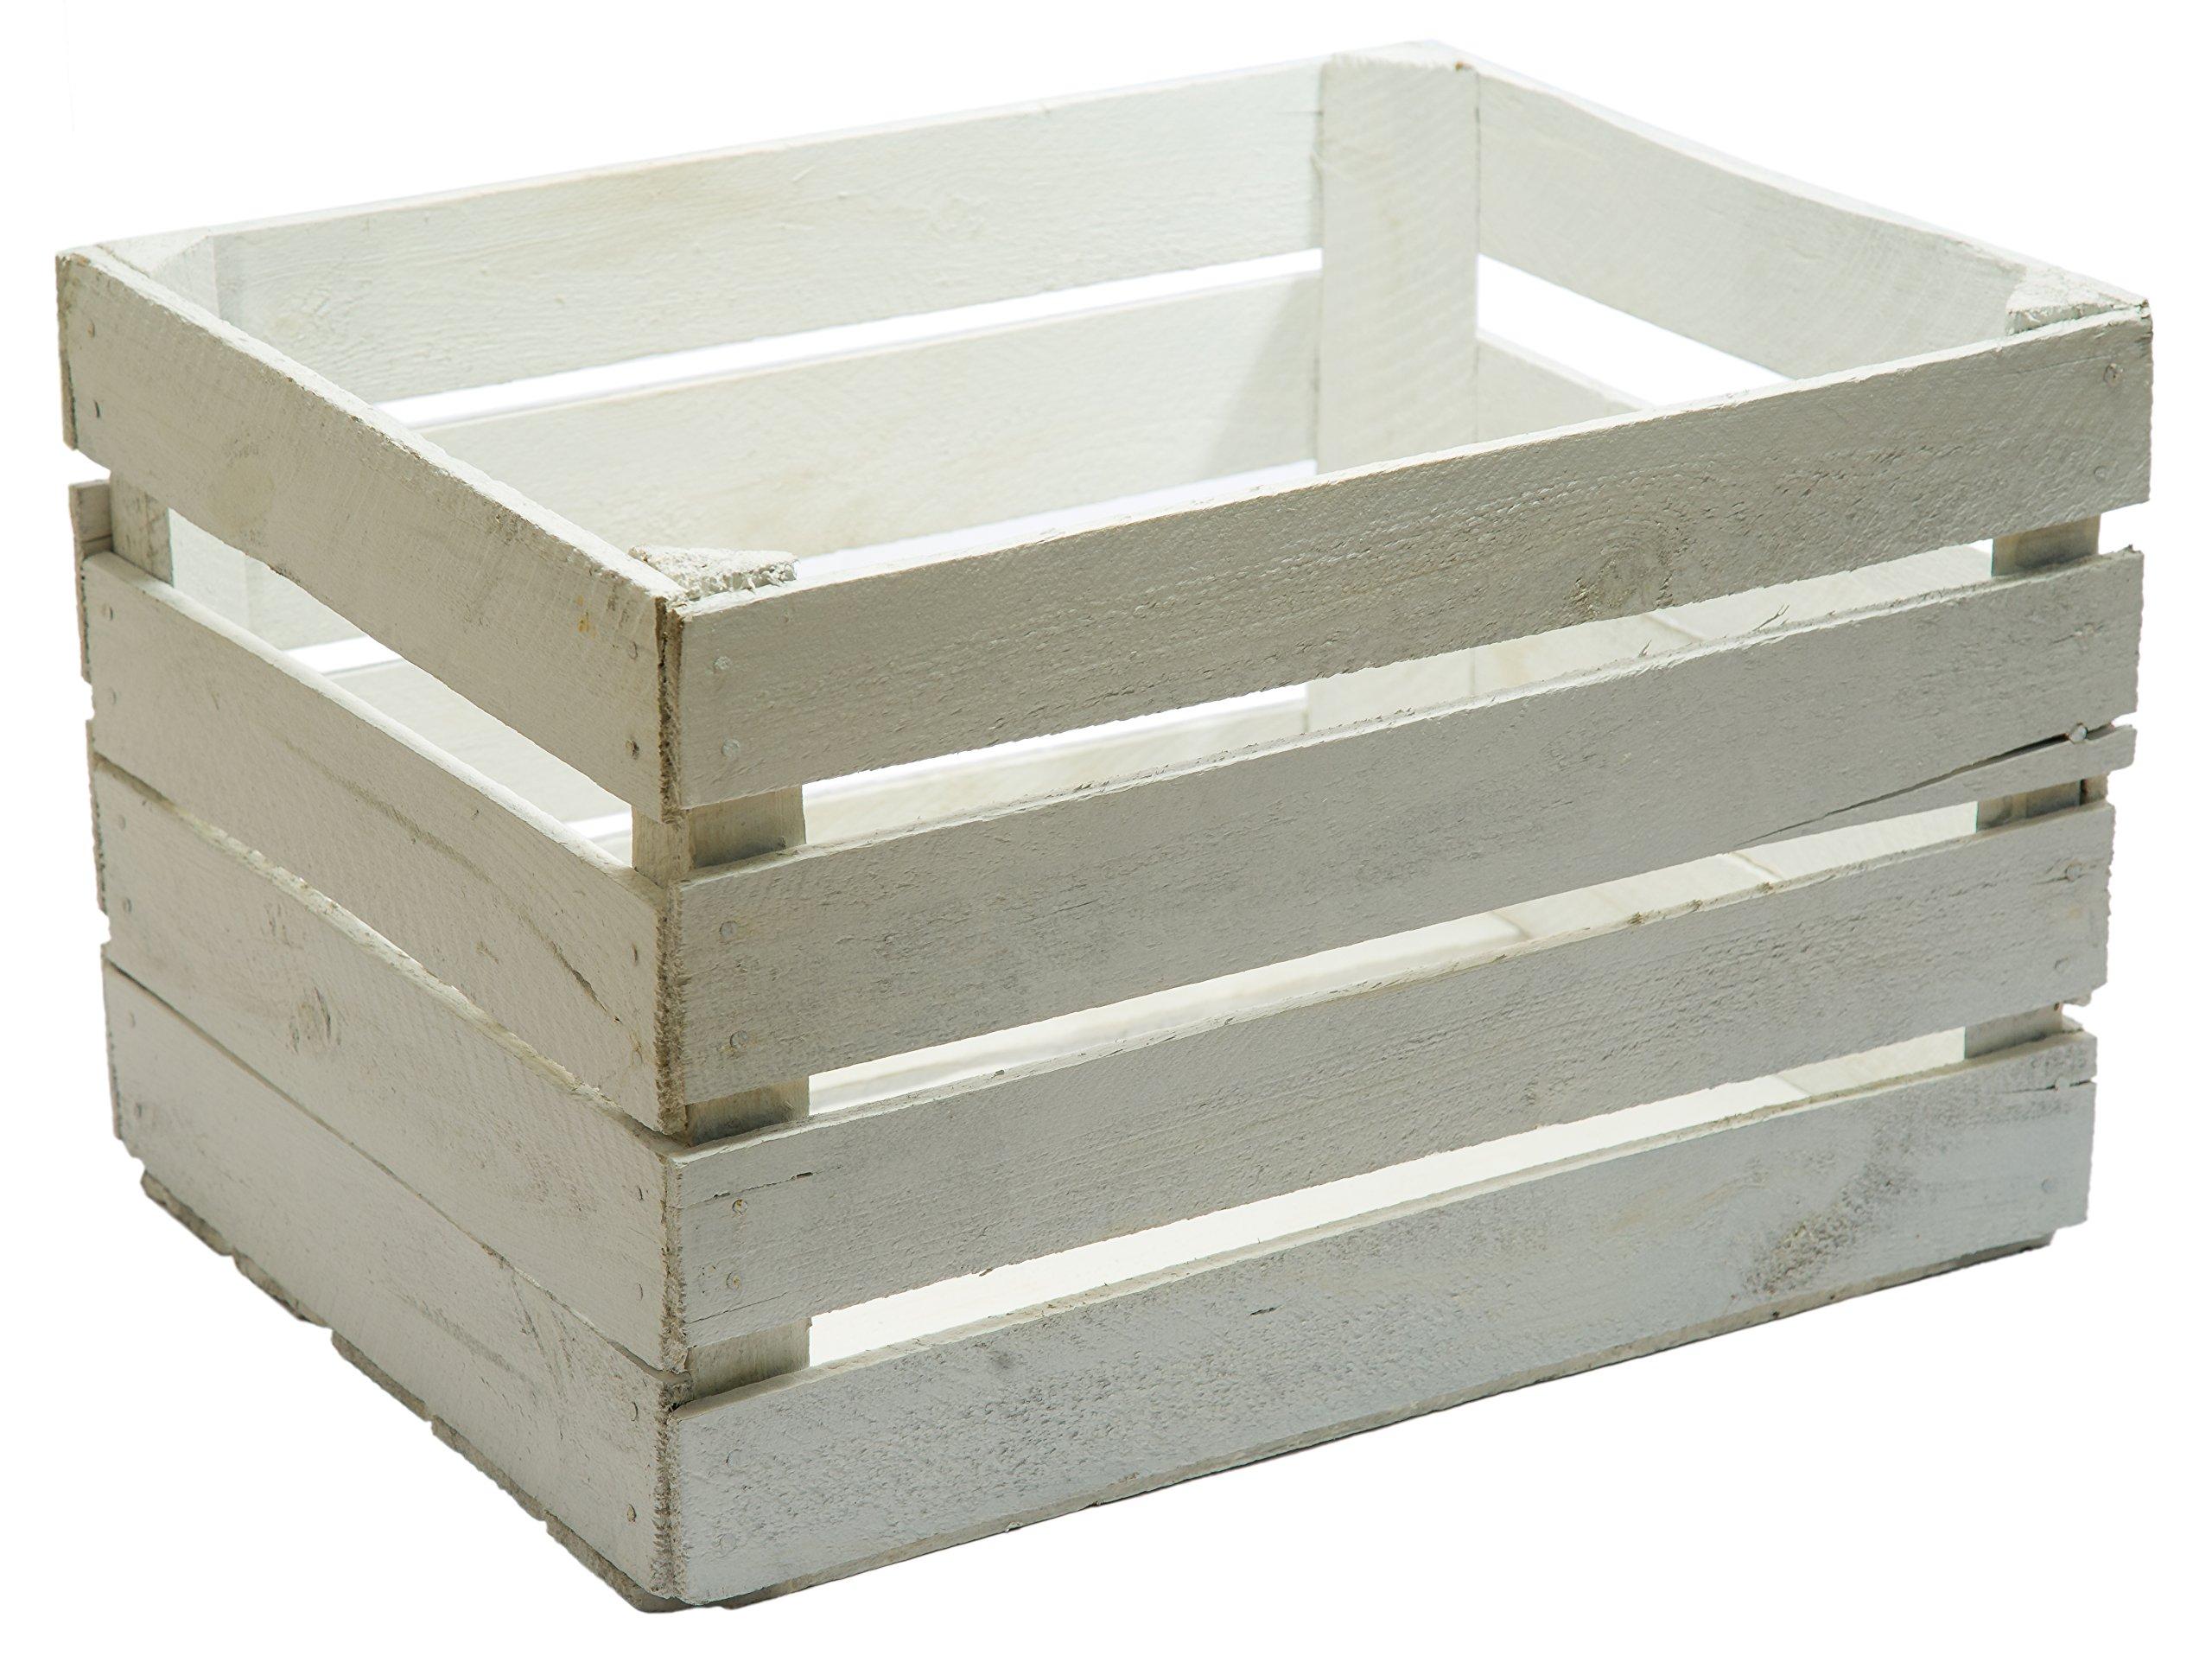 Caja madera blanca decapada vintage, ideal para decoración ...